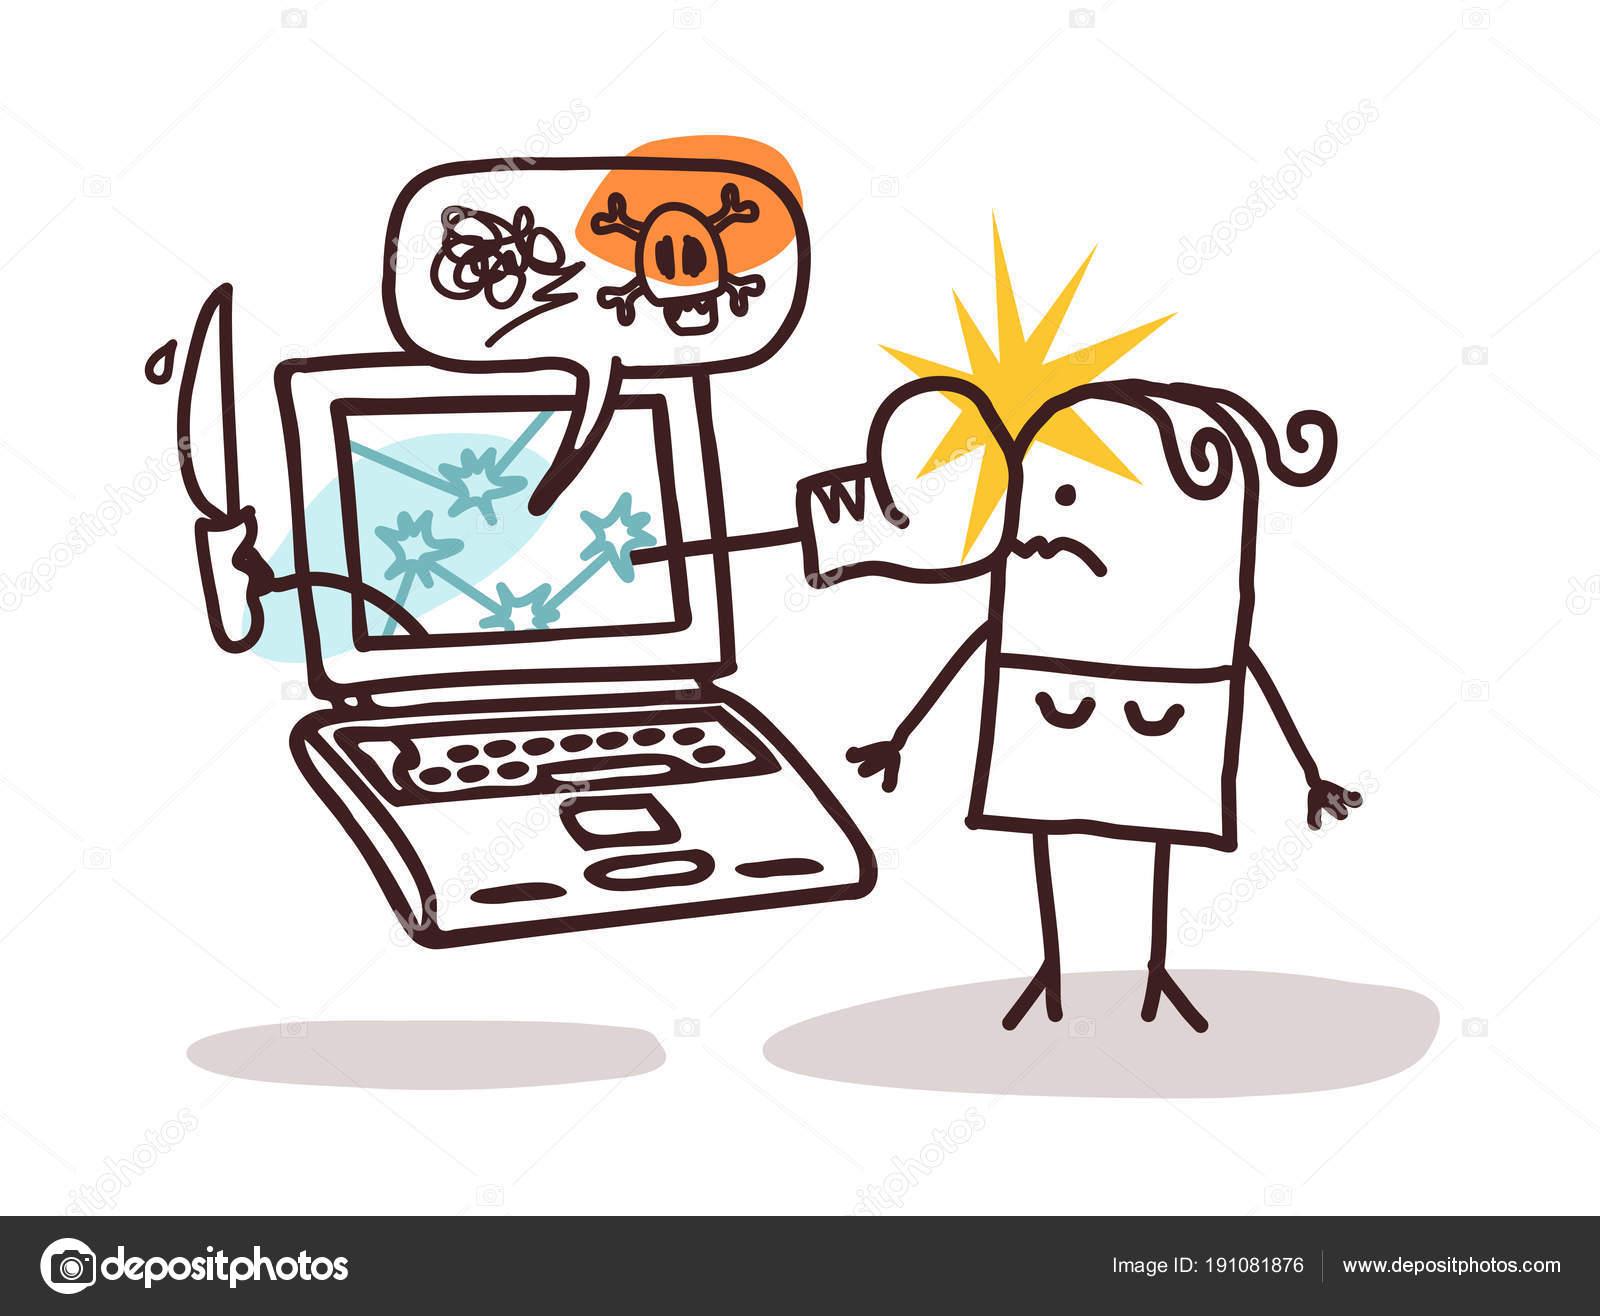 Ilustracion Cyberbullying Mujer Con Ordenador Portátil